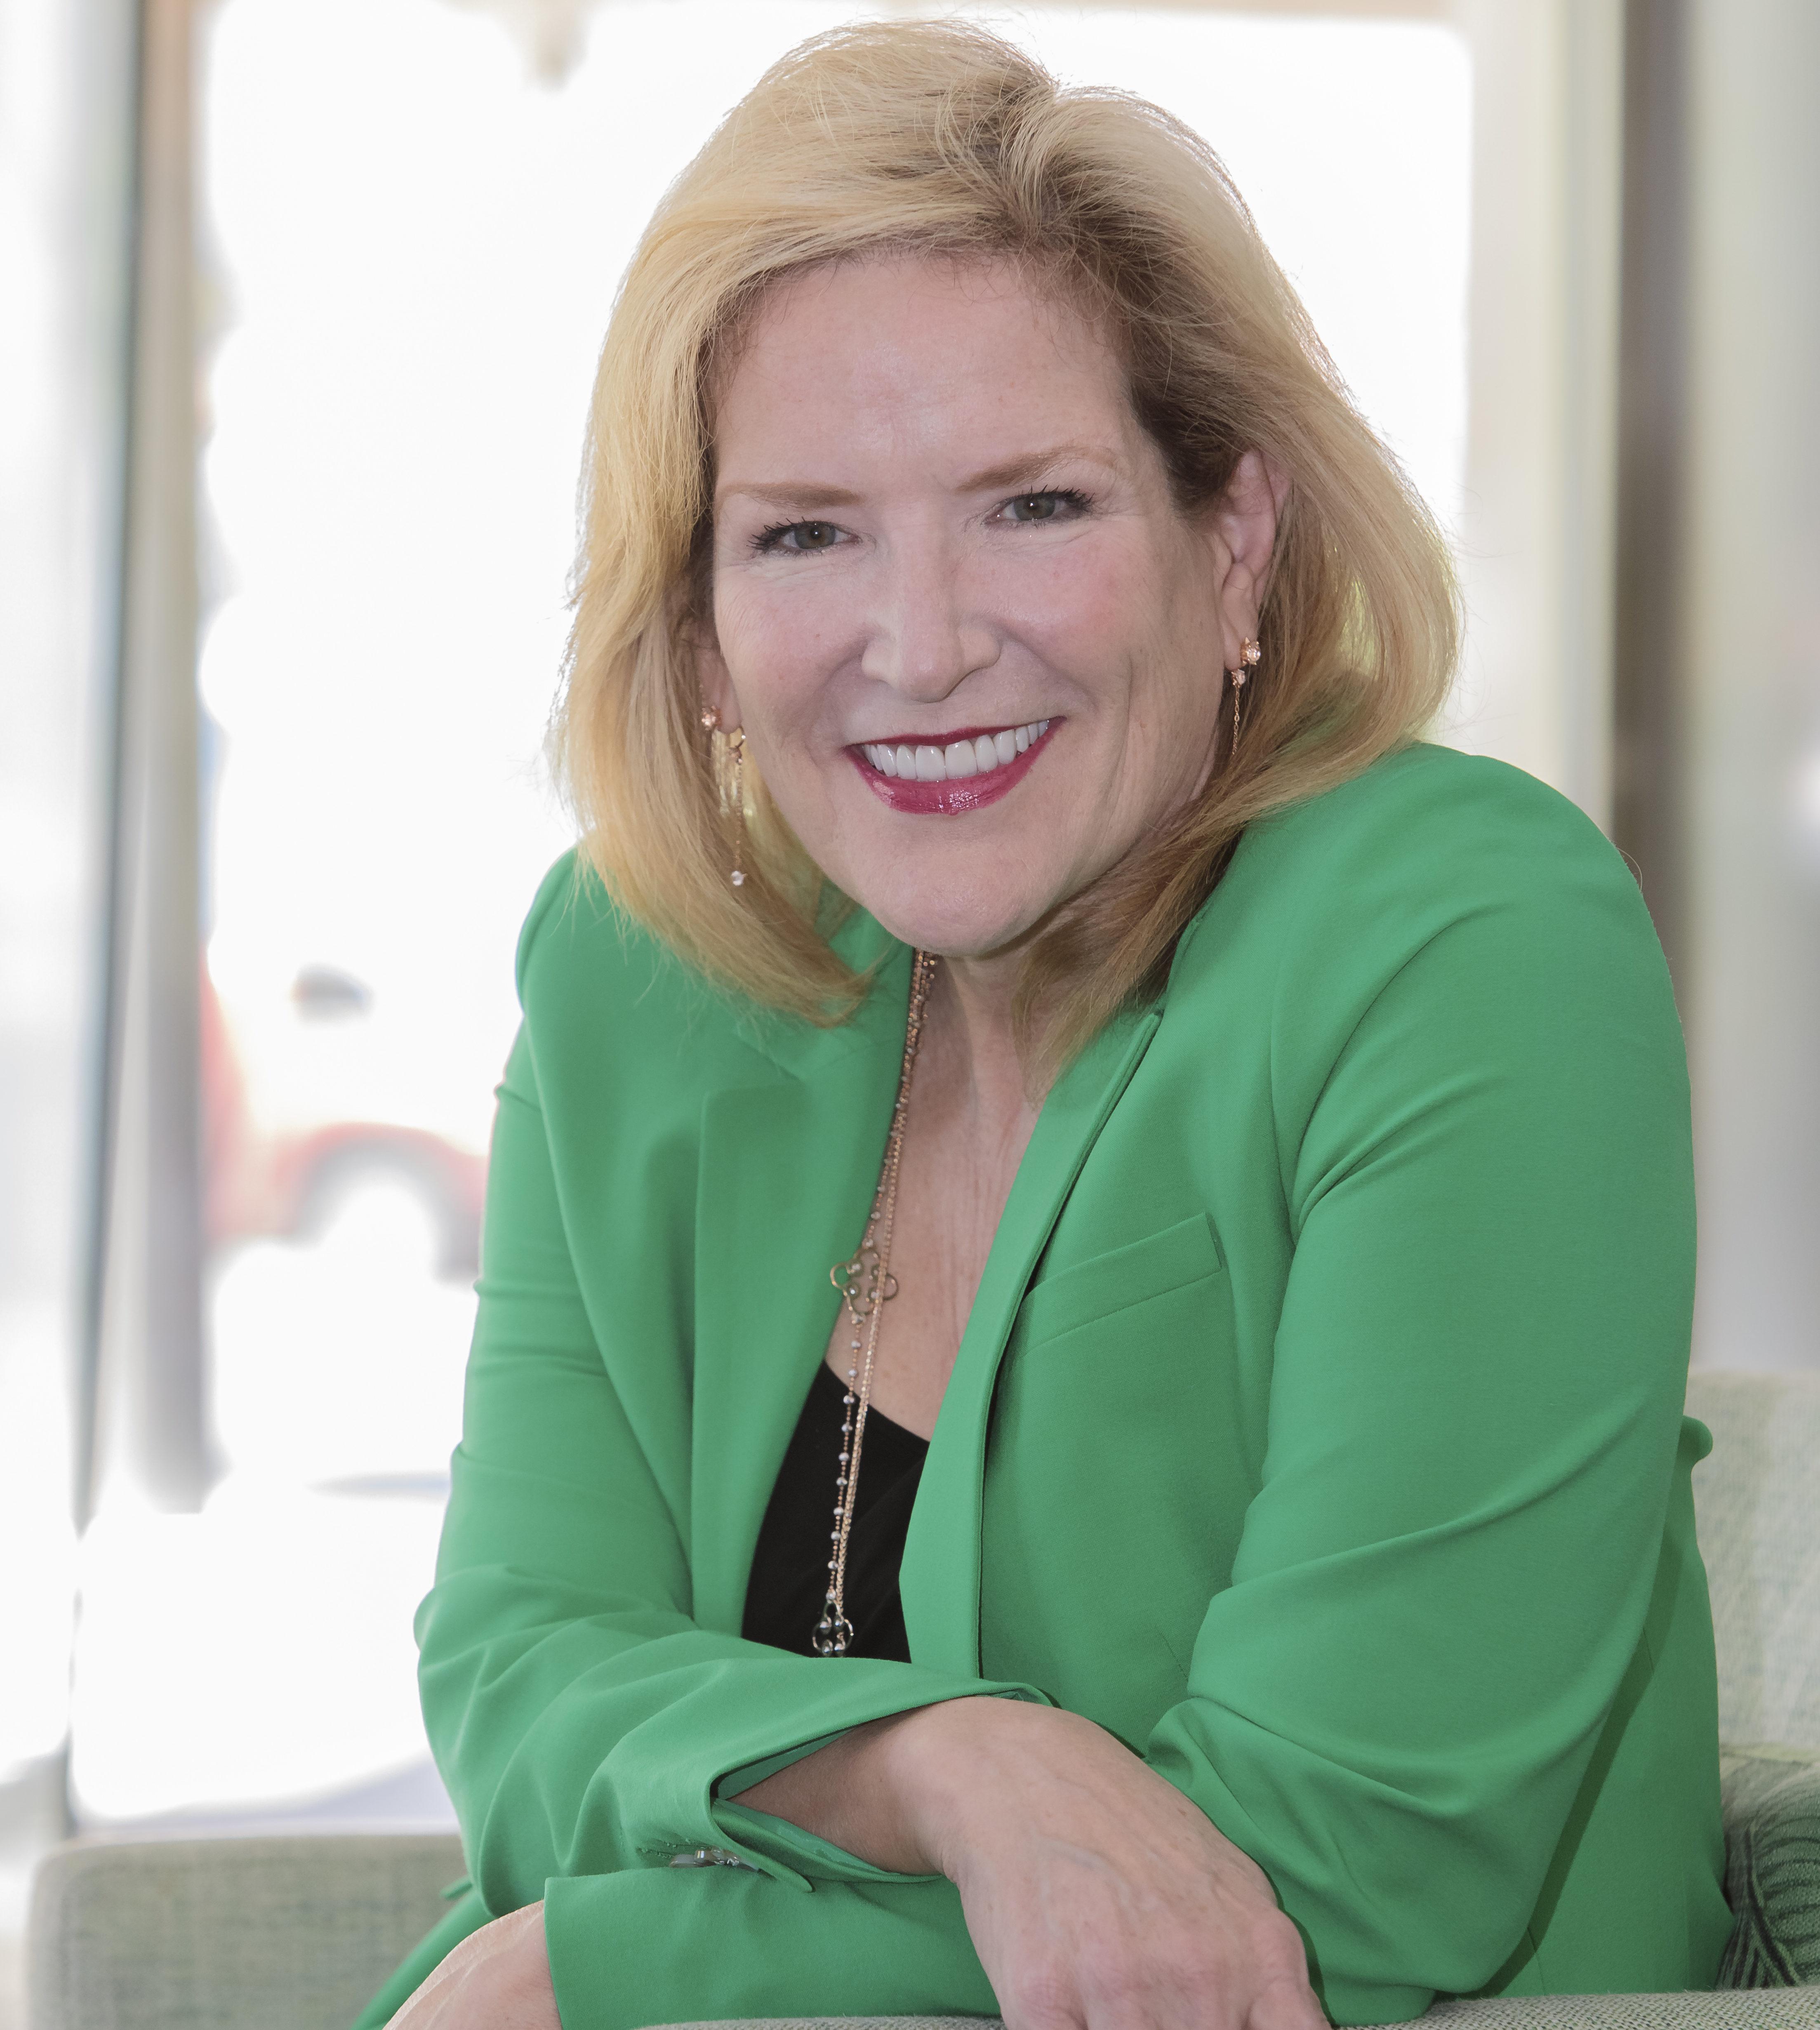 Helen-Burt-Utilligent